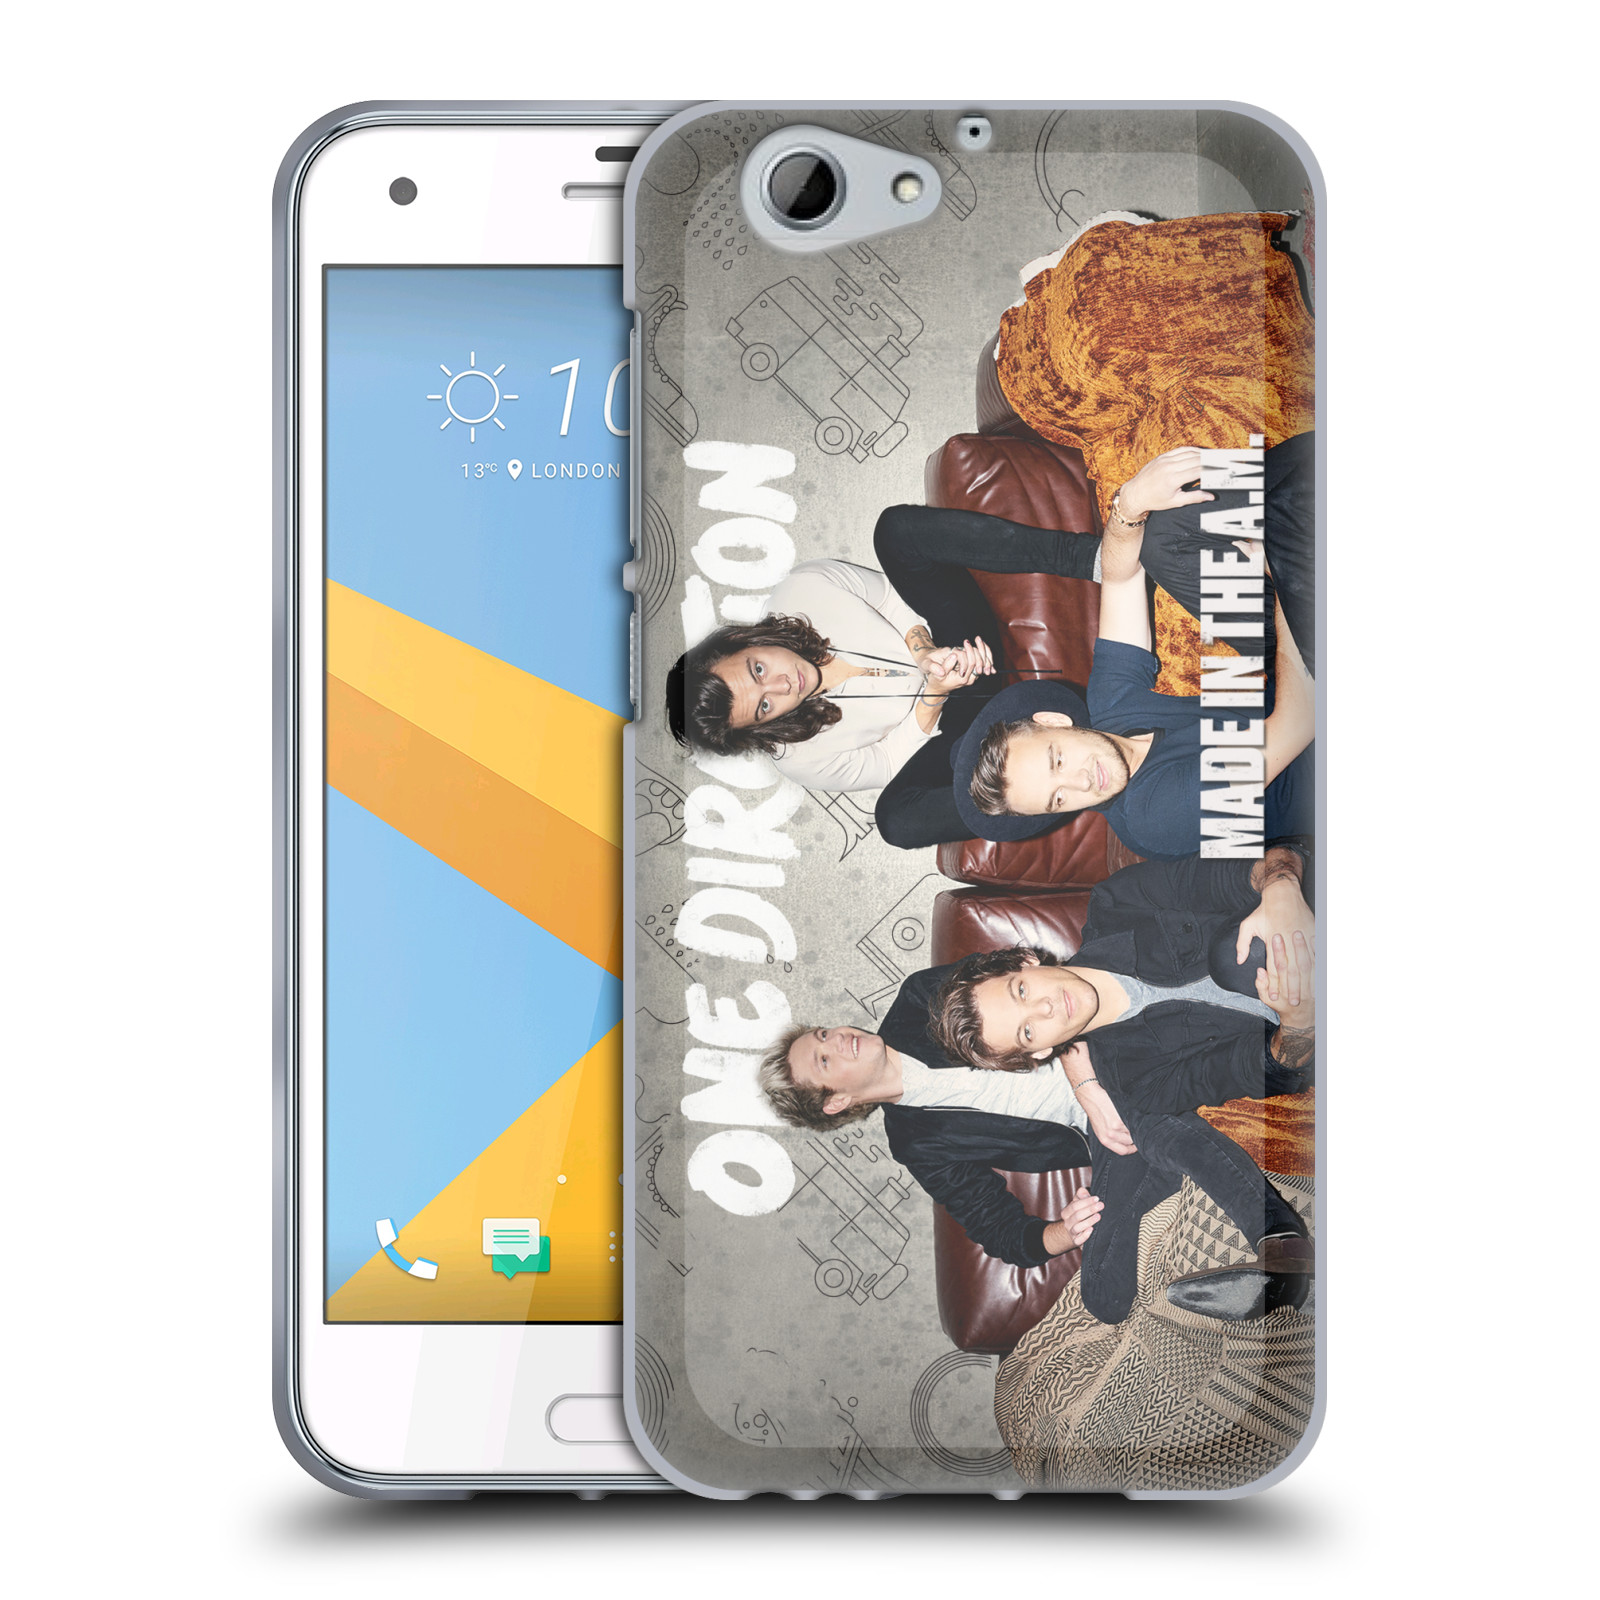 Silikonové pouzdro na mobil HTC One A9s Head Case - One Direction - Na Gaučíku (Silikonový kryt či obal One Direction Official na mobilní telefon HTC One A9s (A9 s))